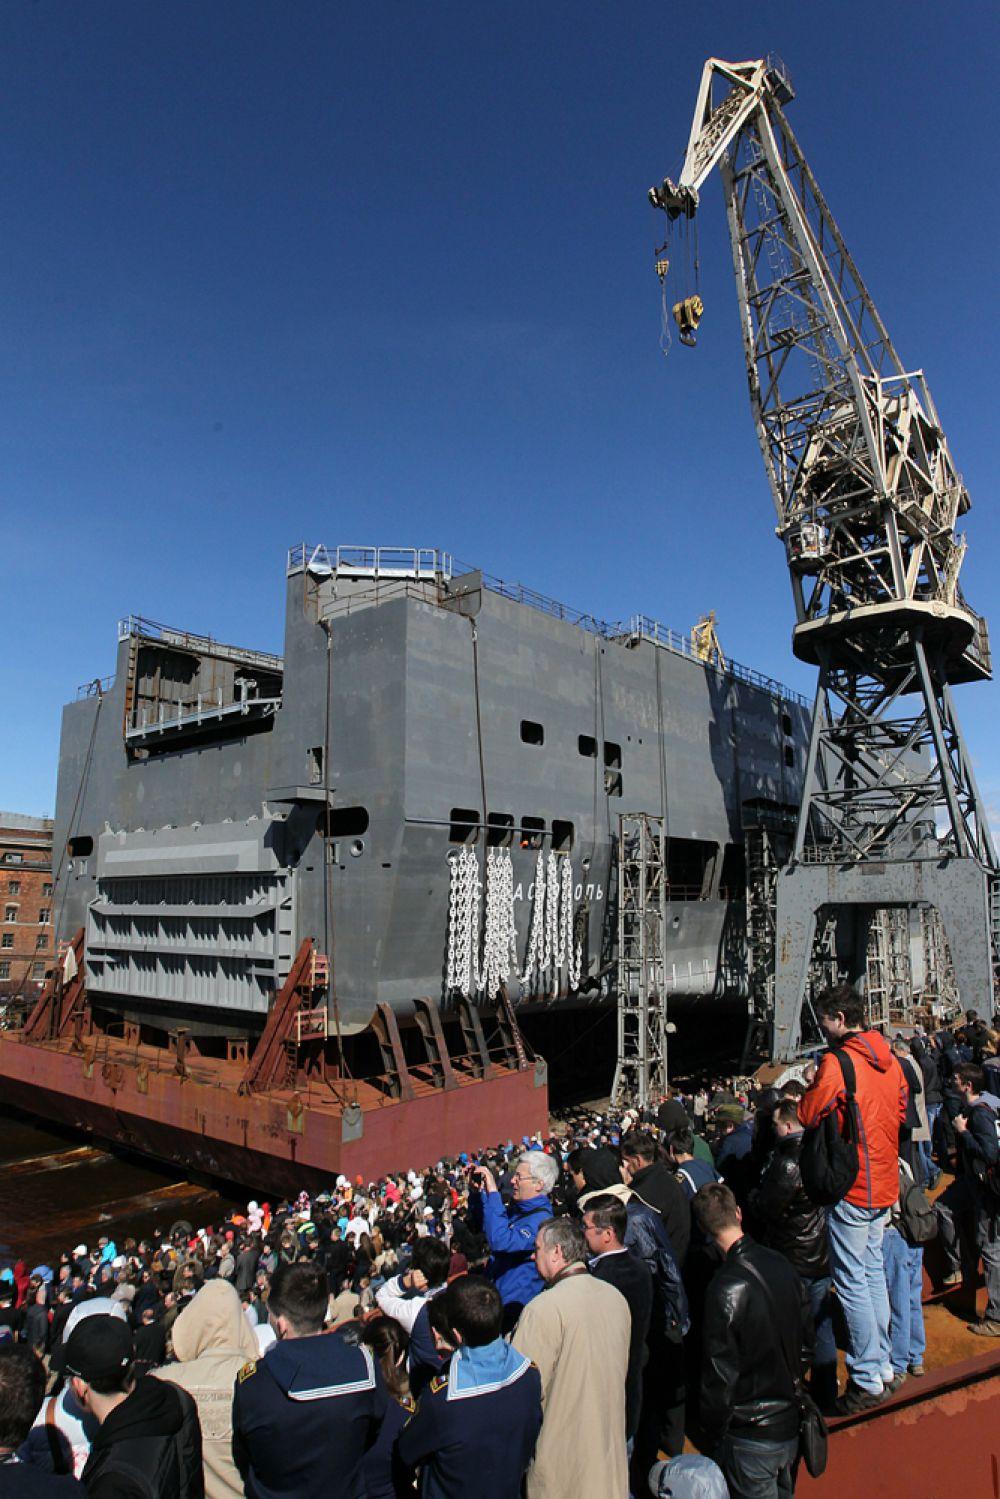 Мариани заявил, что «Миллиард евро для Европы – это немного. И при этом в ЕС жалуются на то, что не располагают вооруженными силами и кораблями».